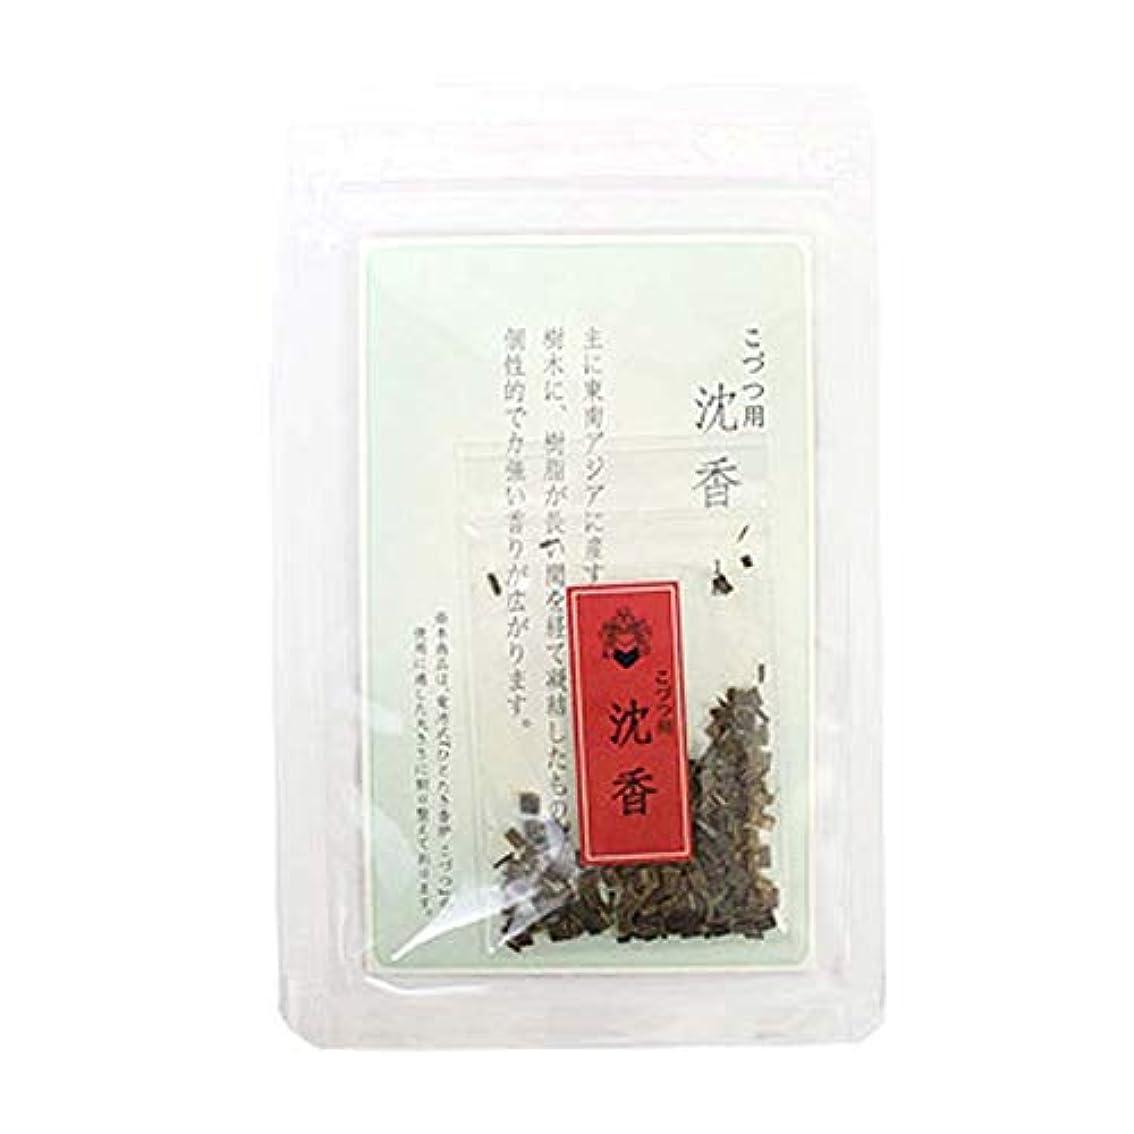 スクラッチ不利インペリアルM 茶道具 香 お試しこづつ用 香木 沈香 じんこう 1g (海外発送不可) ほんぢ園